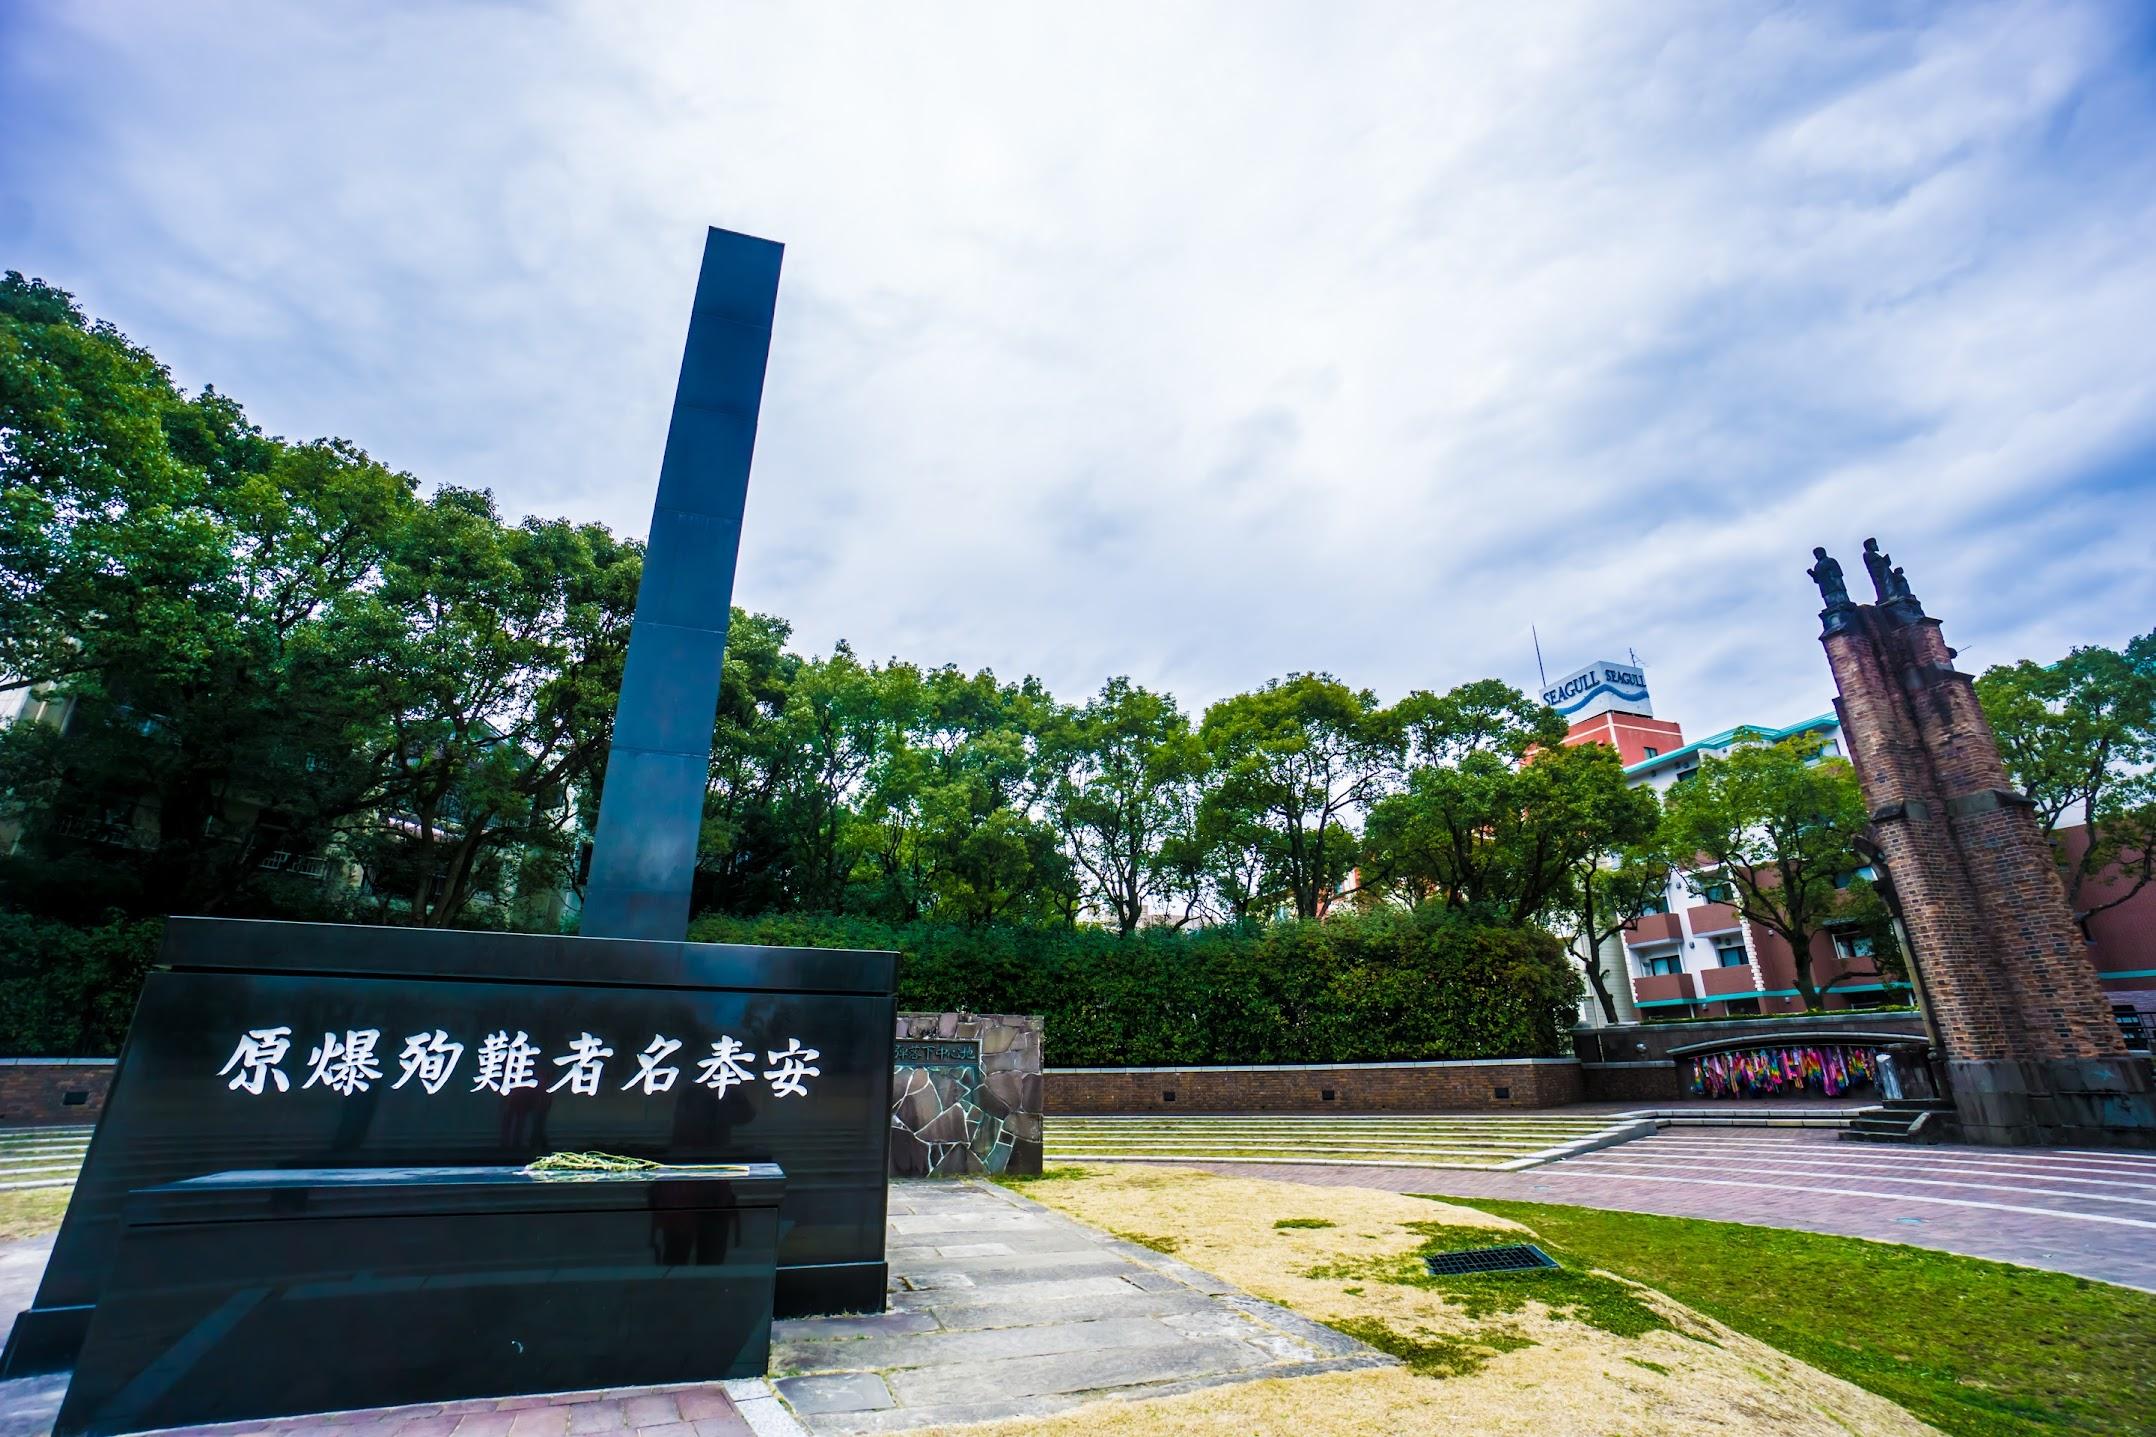 長崎 平和公園 原爆落下中心地牌 浦上天主堂遺構